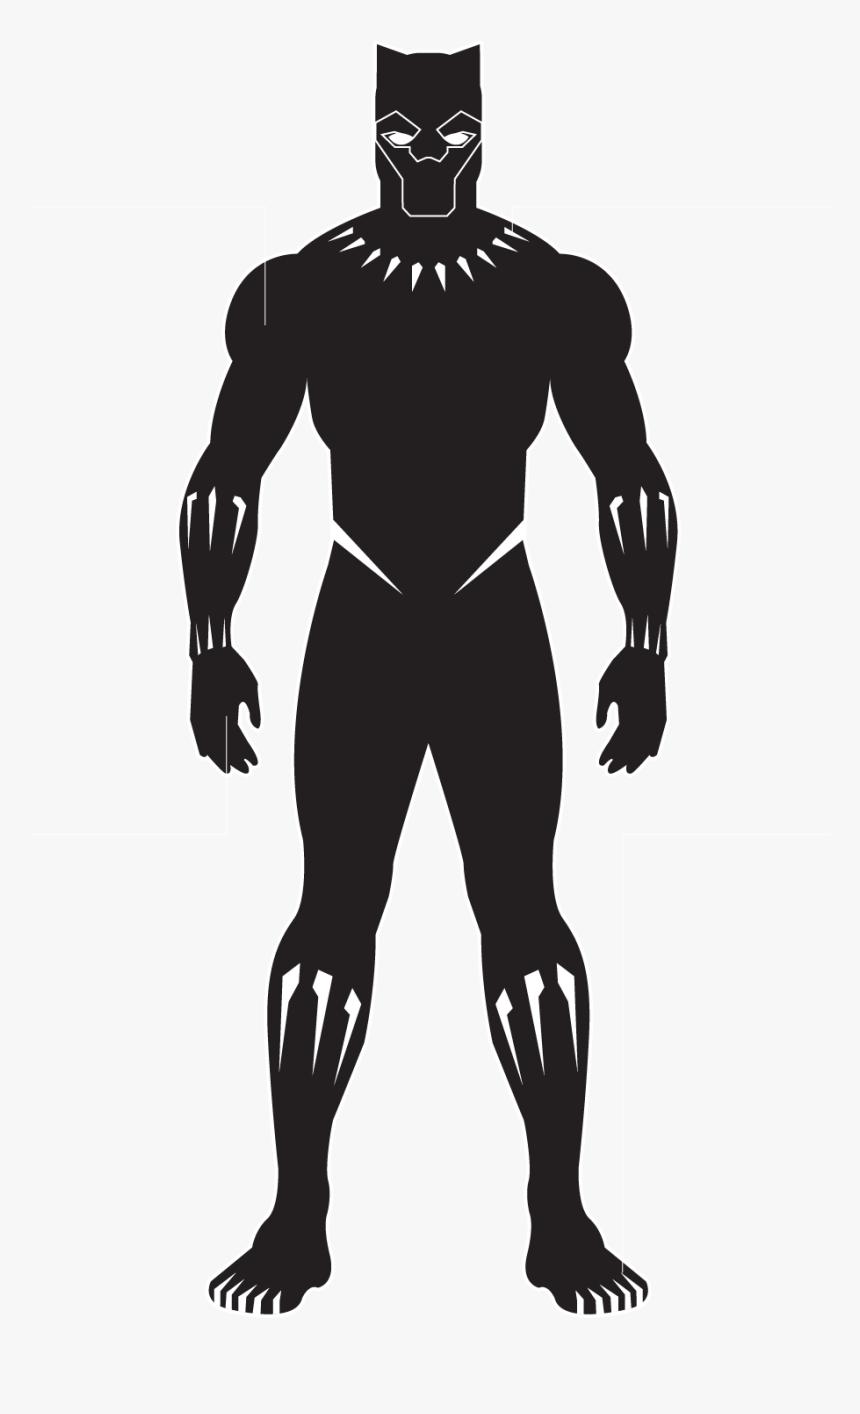 Cartoon Black Panther Drawing : cartoon, black, panther, drawing, Orasnap:, Cartoon, Black, Panther, Drawing